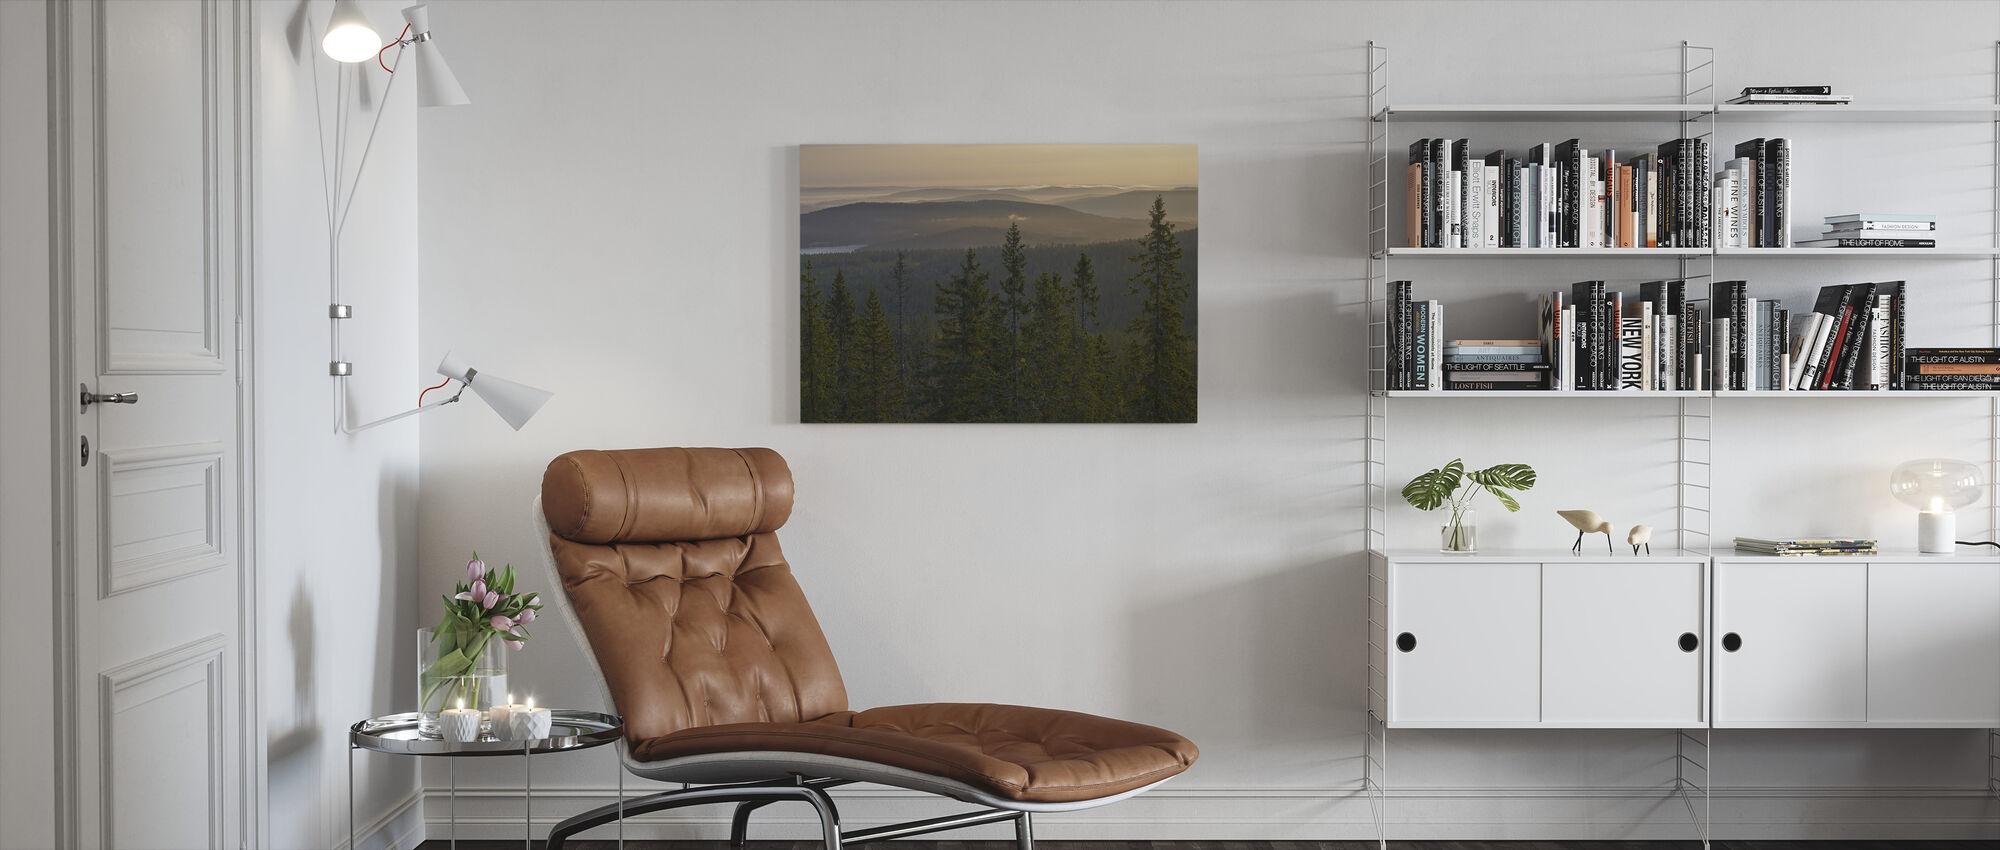 Skuleskogen National Park Spruces, Sweden - Canvas print - Living Room